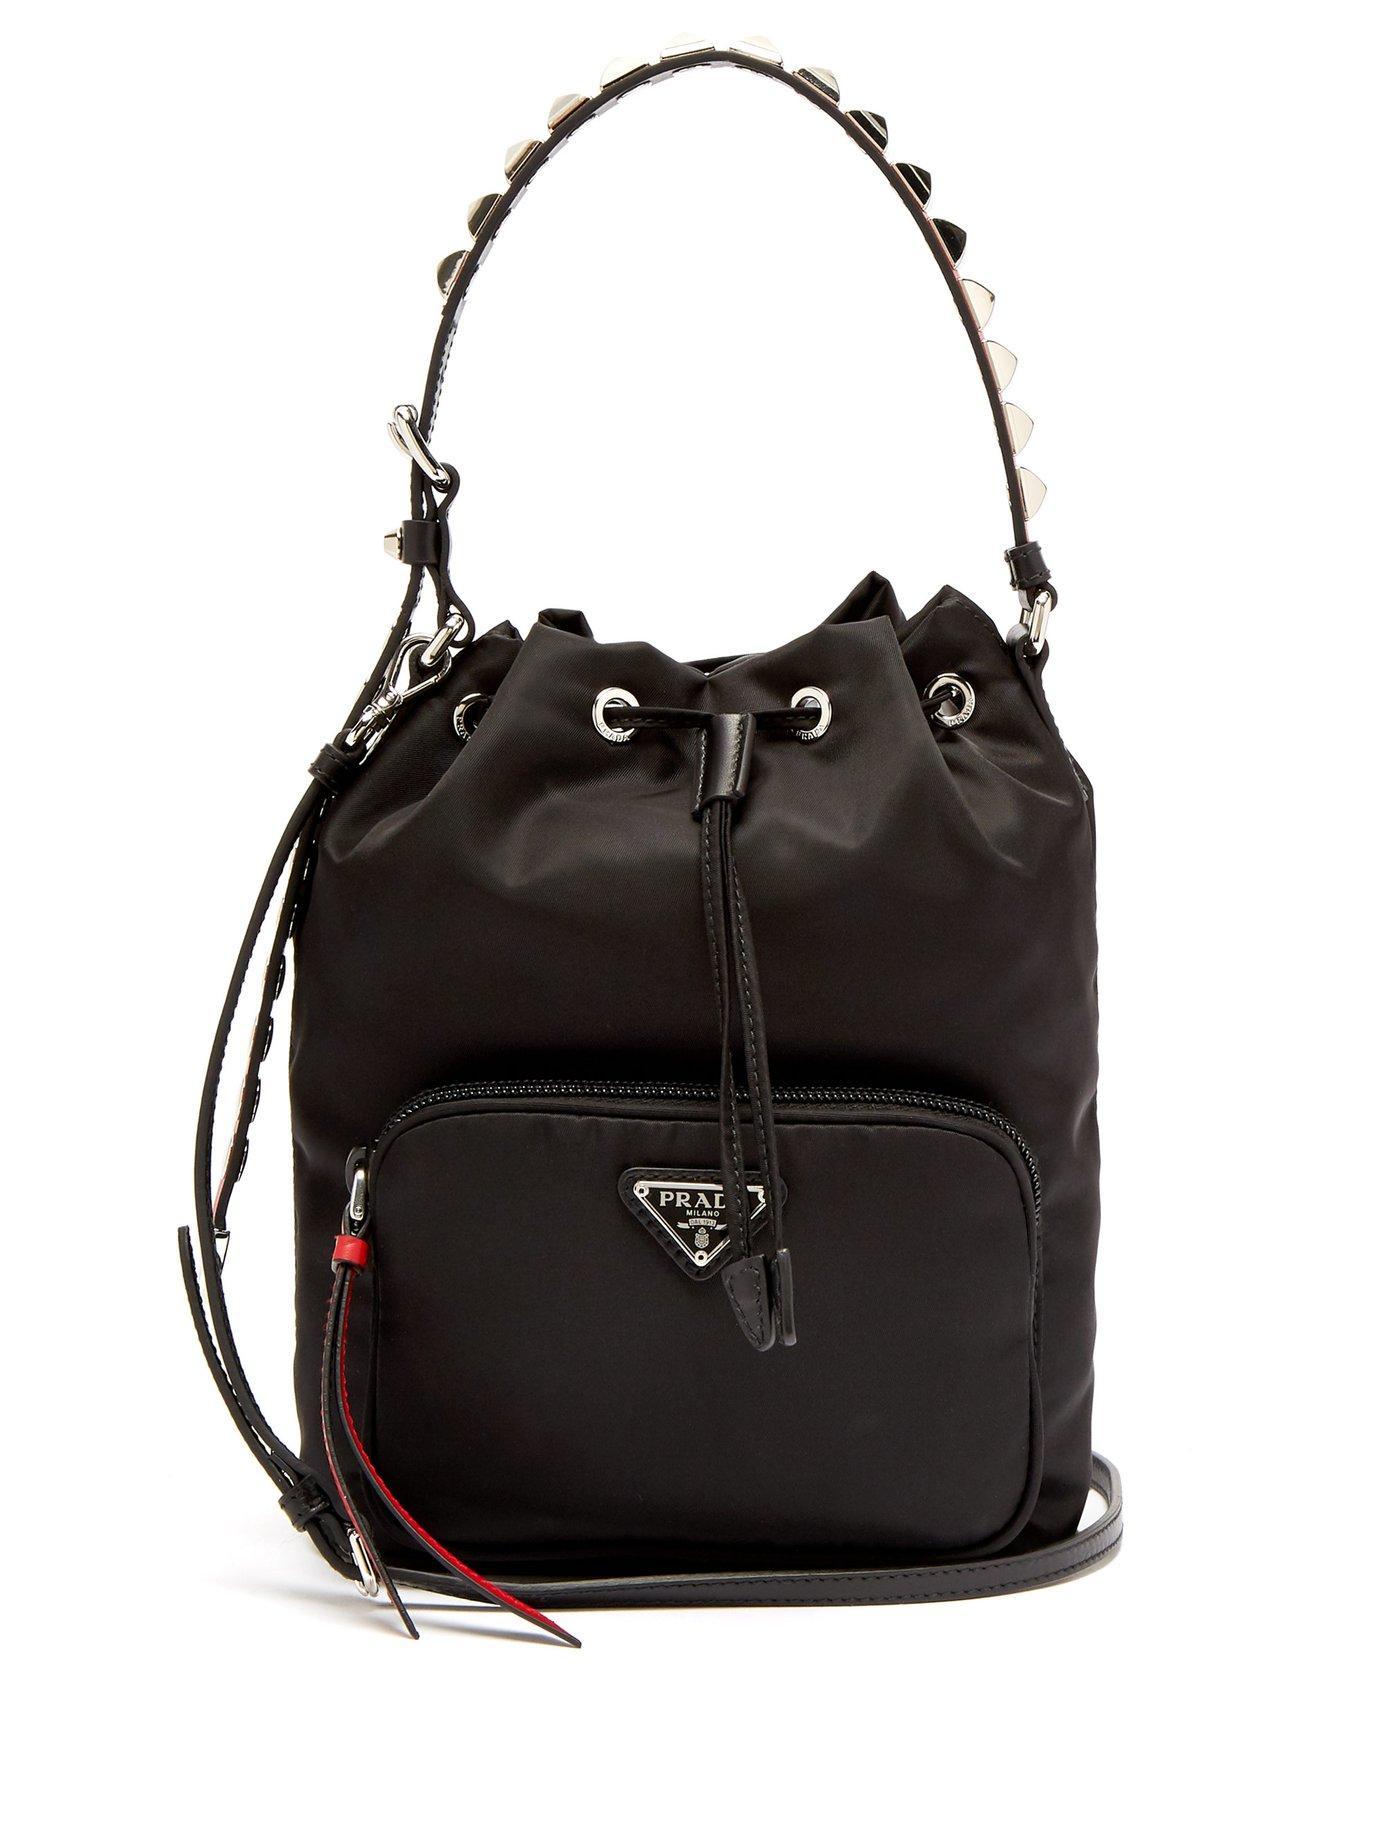 7e0664e74ed8 Prada New Vela Studded Nylon Bucket Bag in Black - Lyst